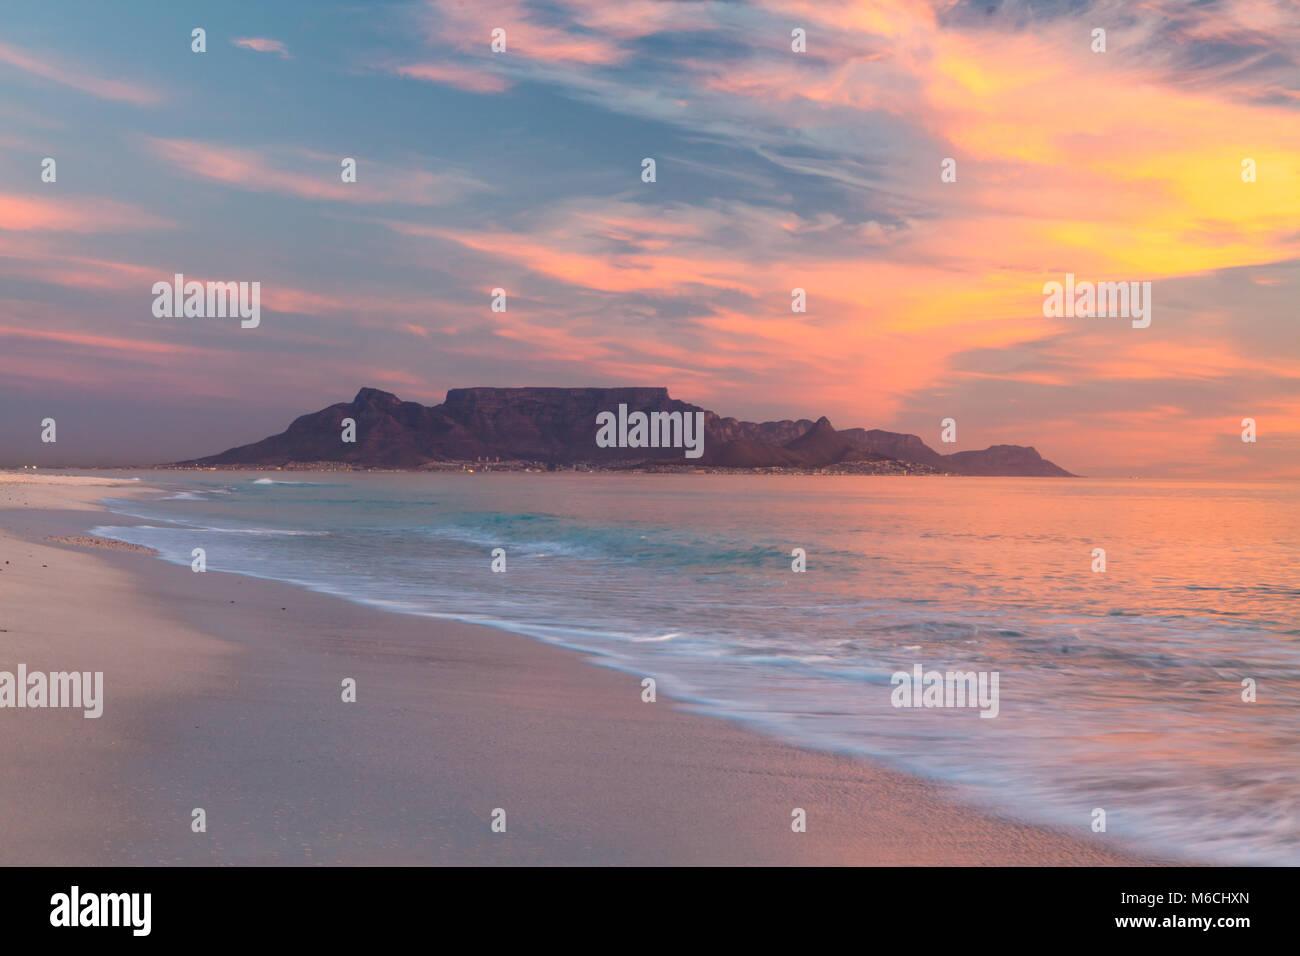 Vue panoramique sur la montagne de la table Cape Town en Afrique du Sud, du coucher du soleil à blouberg Photo Stock